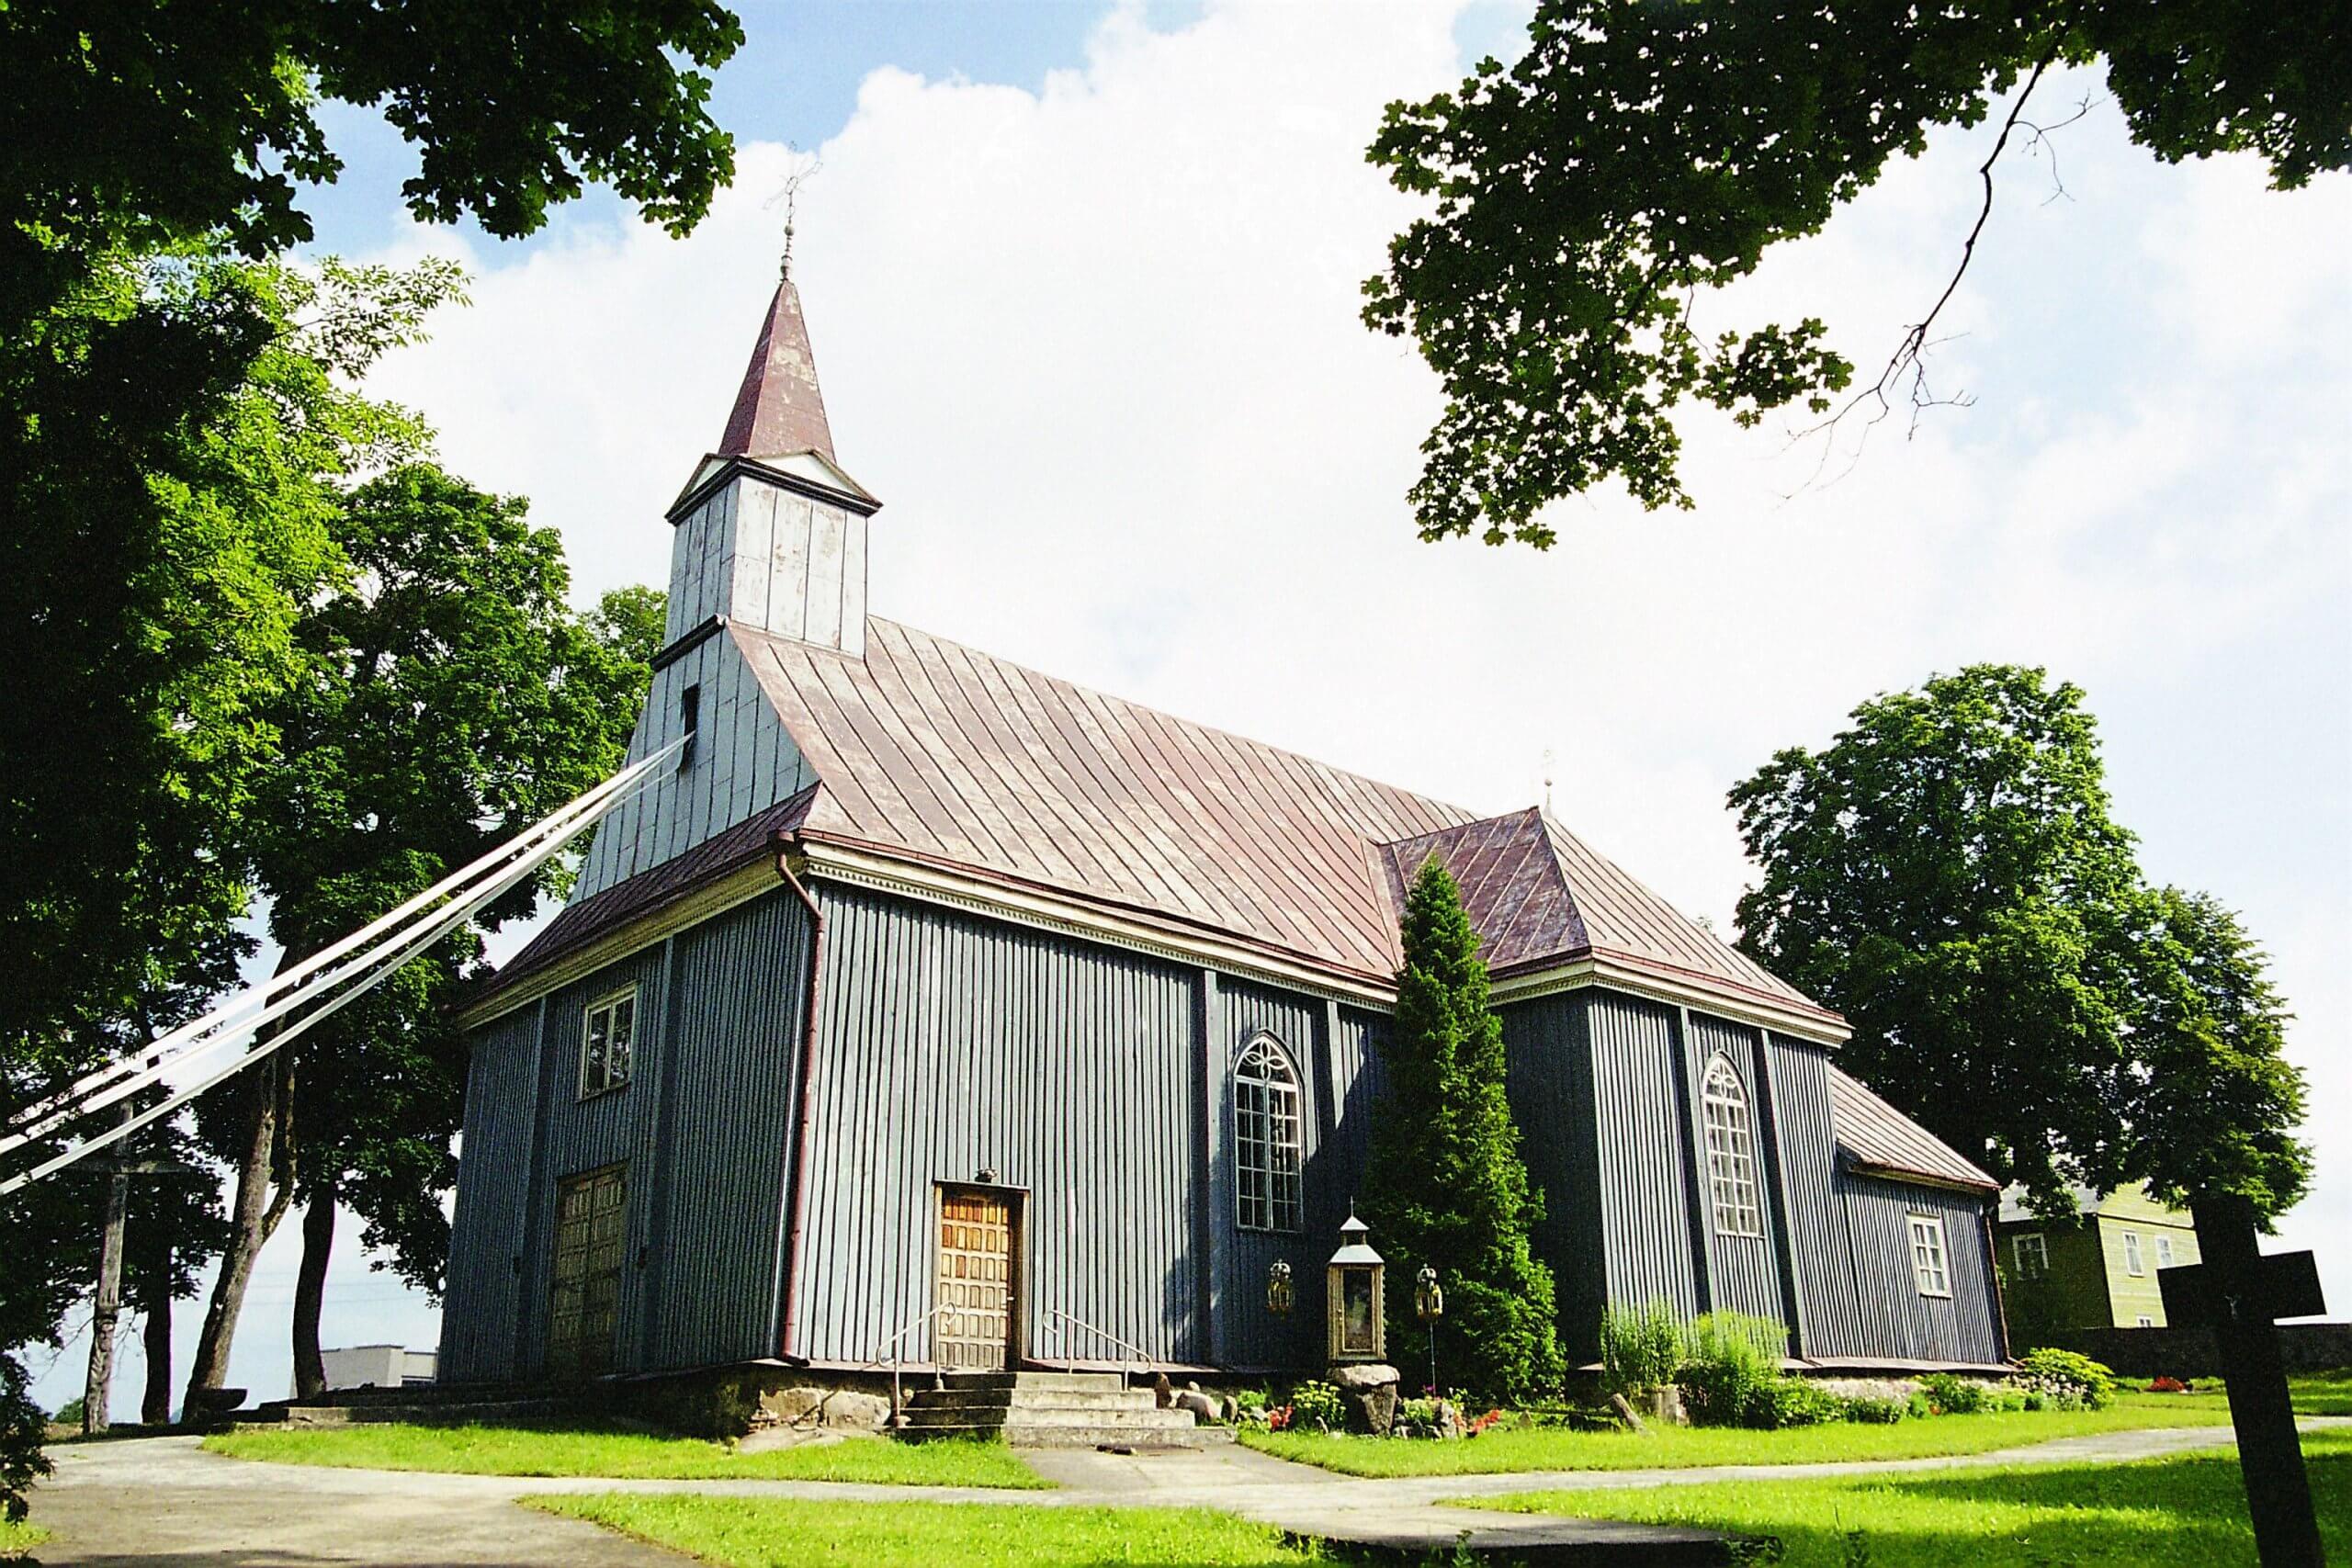 Kantaučių Švč. Mergelės Marijos Nekaltojo Prasidėjimo bažnyčia (Plungės rajonas)